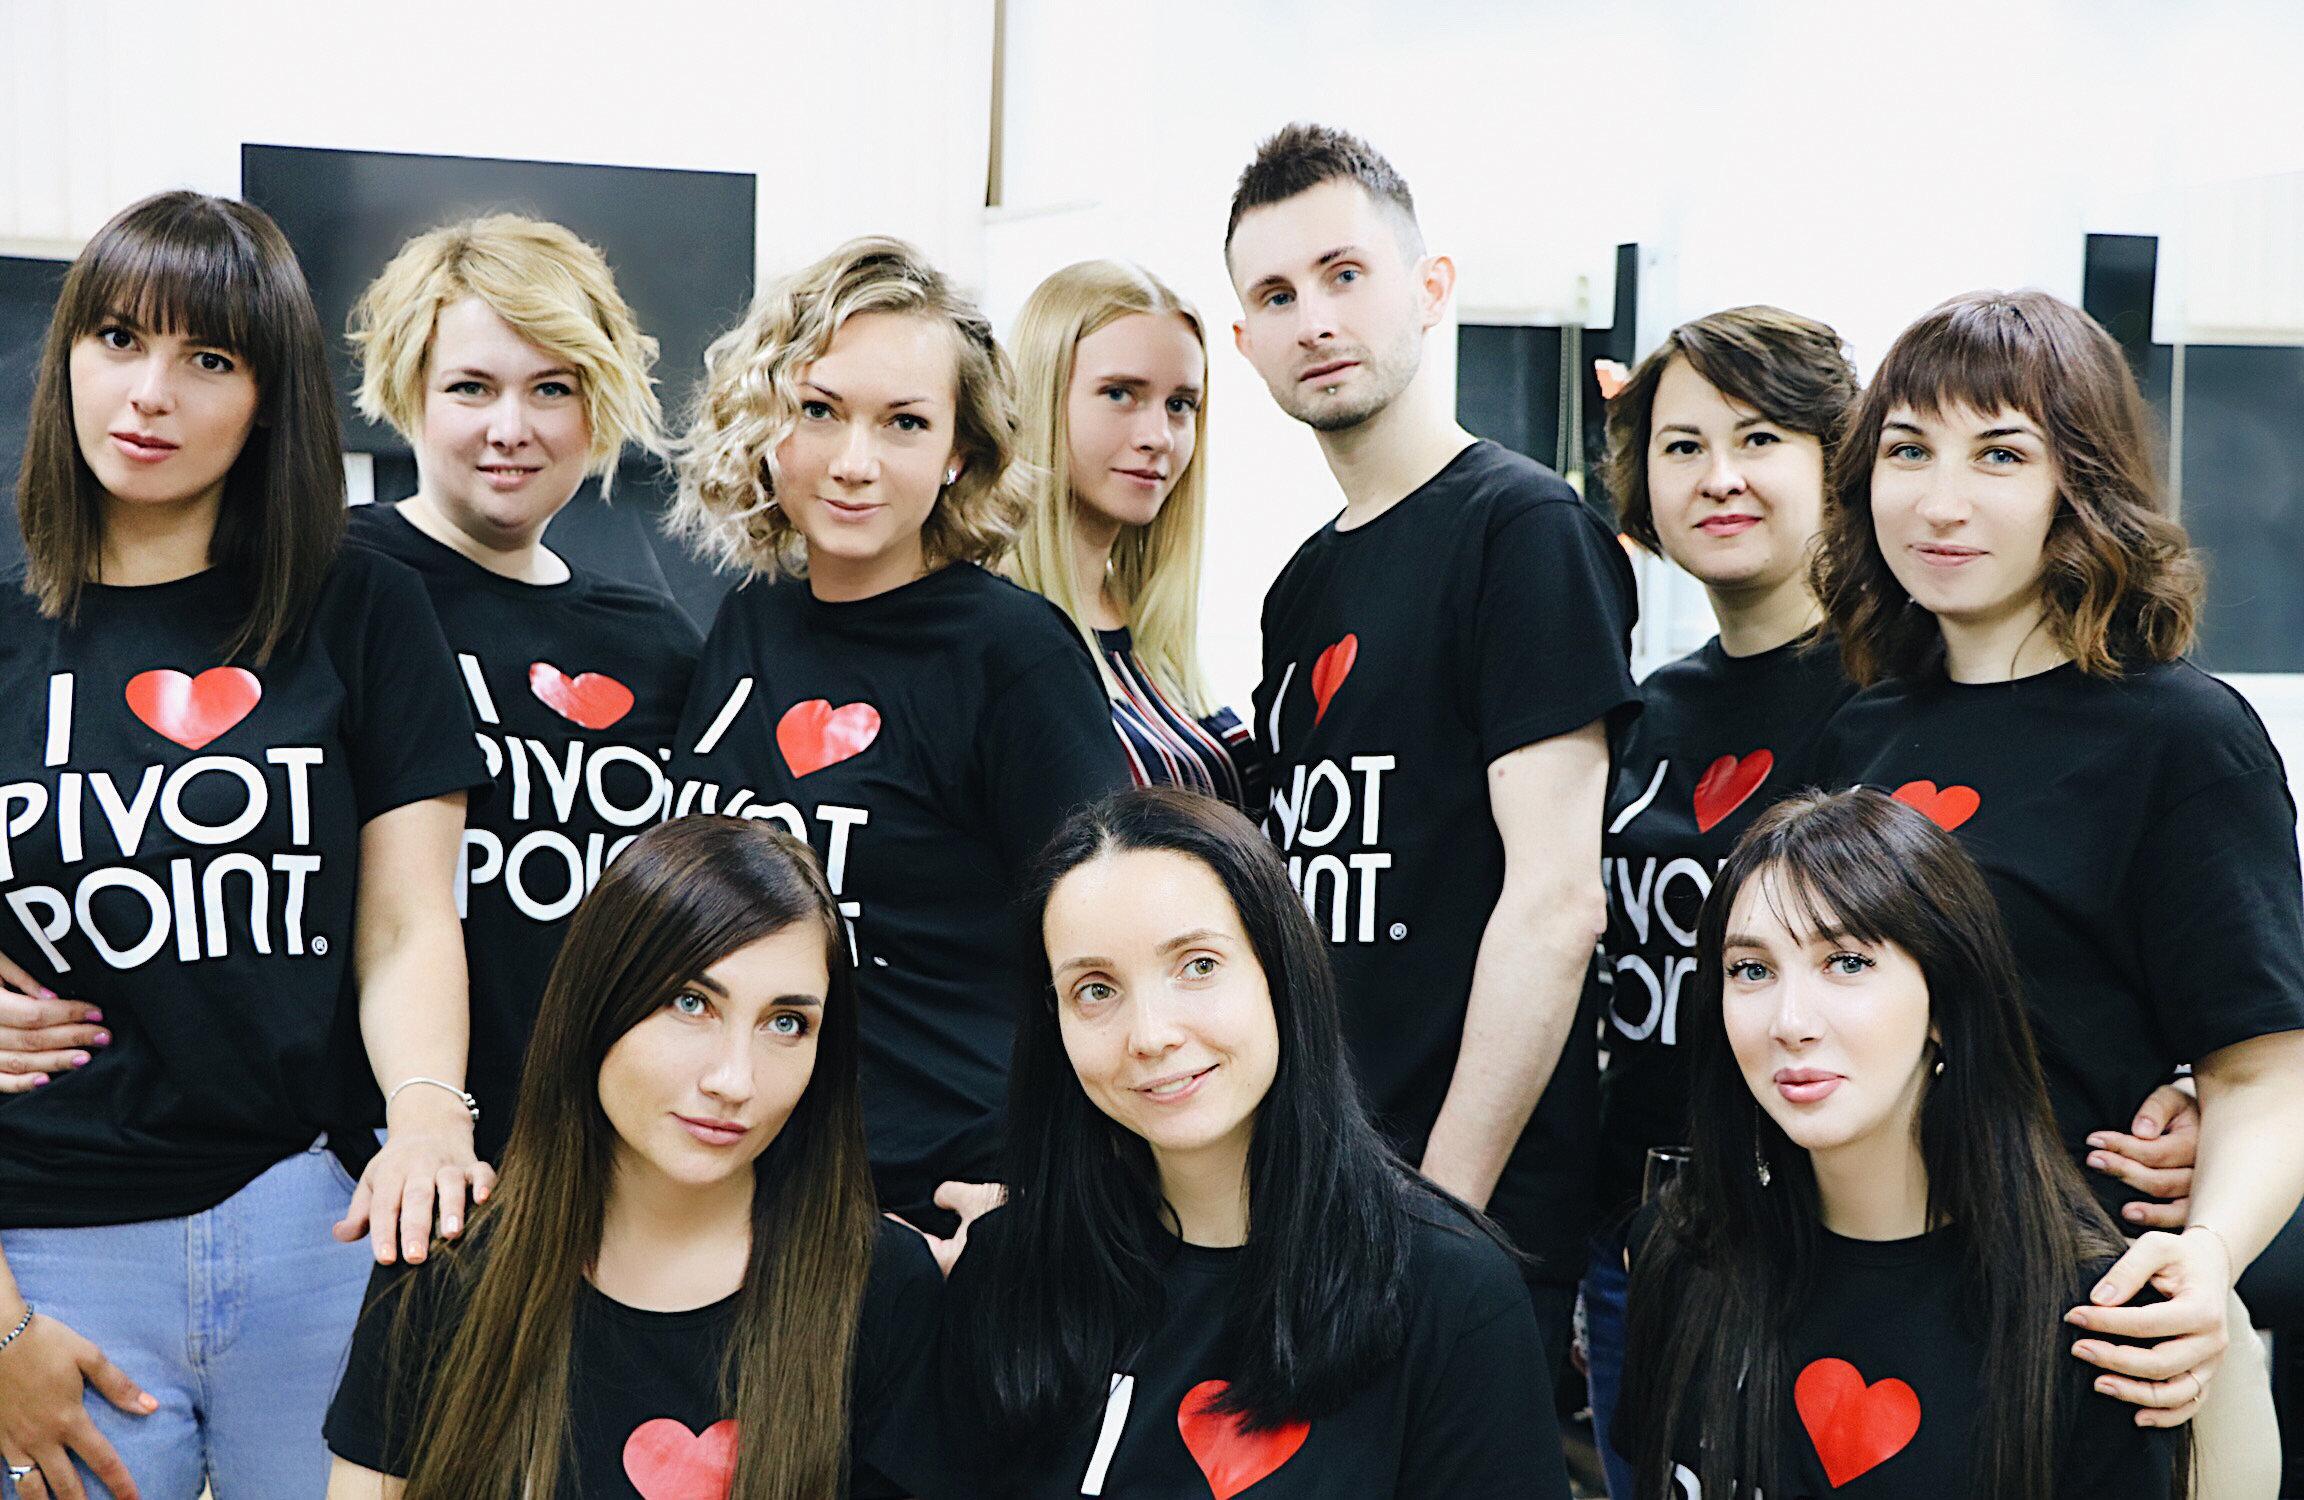 фотография Академии парикмахерского искусства Метода Pivot Point на Студенческой улице